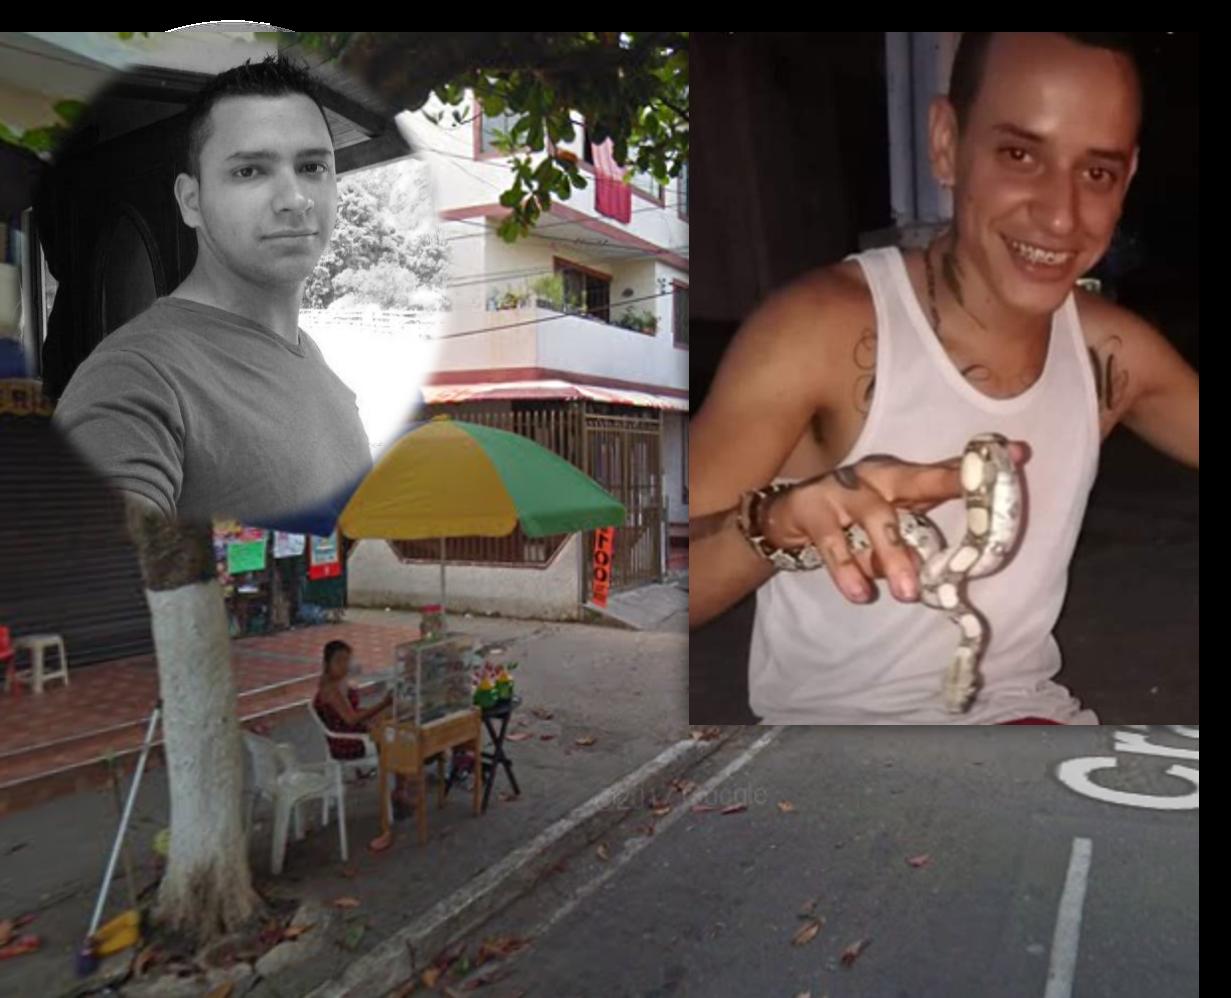 Asesinó, se entregó, confesó y ¿sigue libre? | Local | Justicia | EL FRENTE